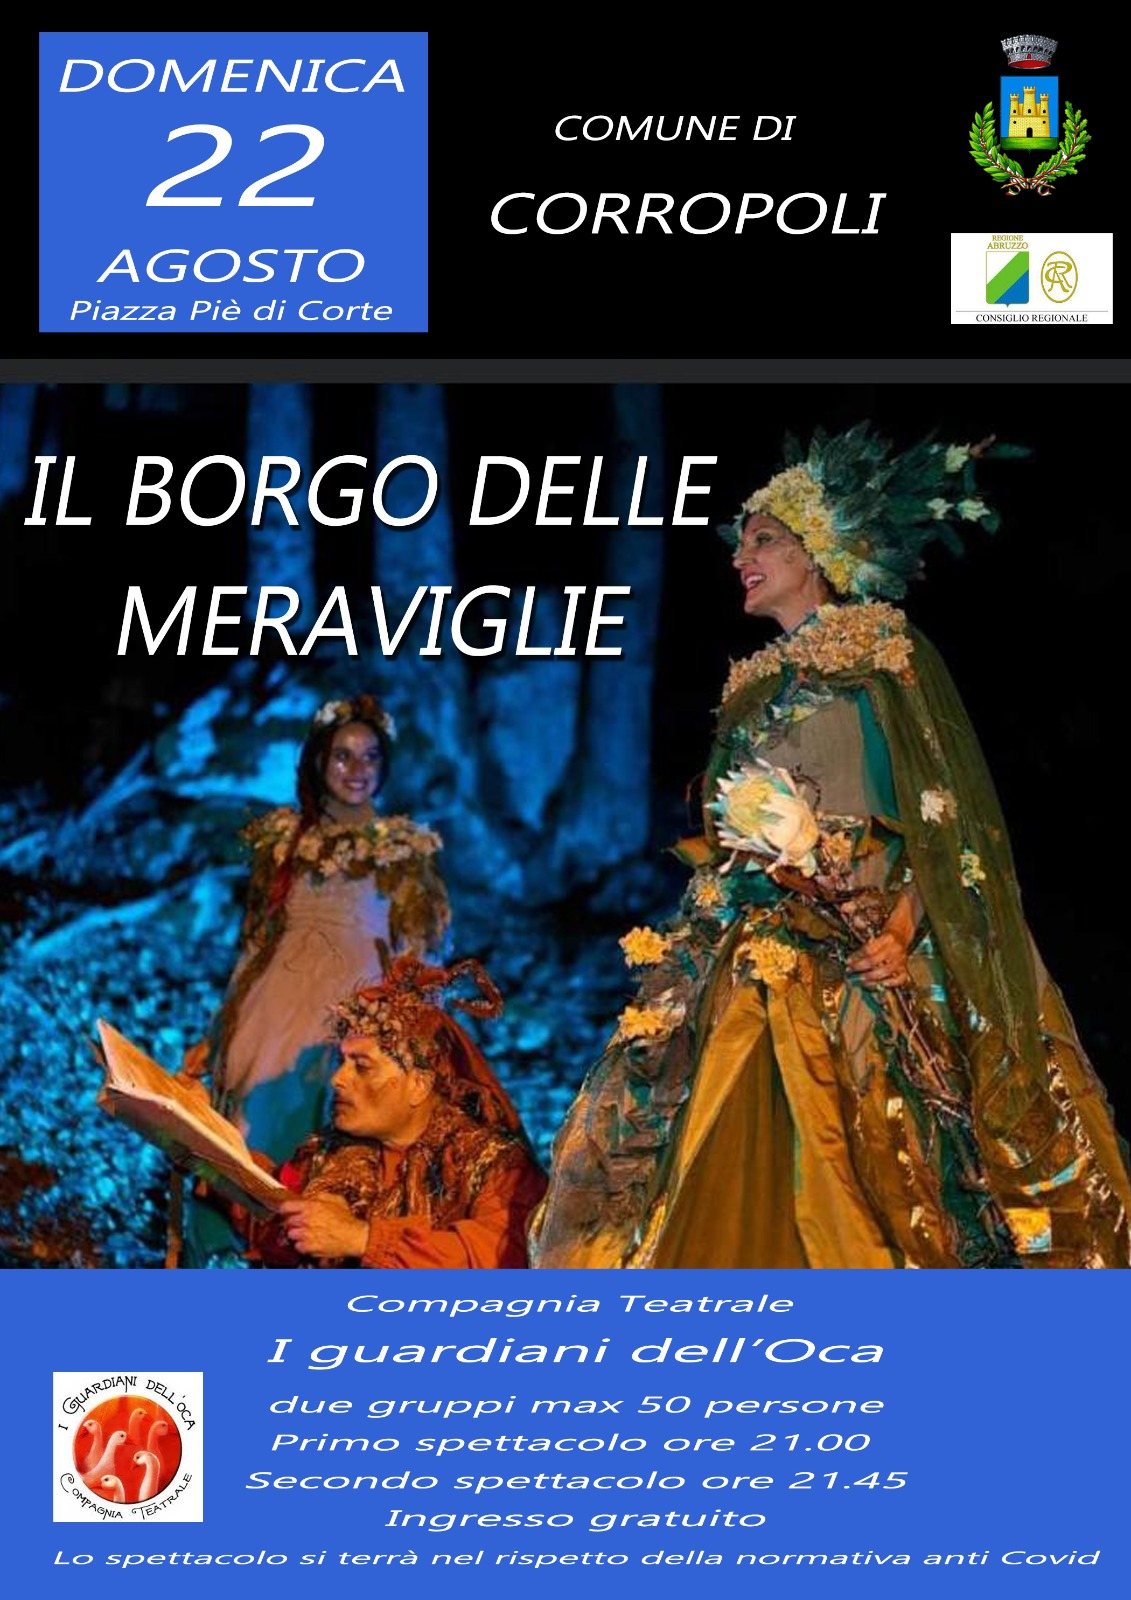 """""""RACCONTI D'ESTATE - Corropoli in Fiaba""""  """"IL BORGO DELLE MERAVIGLIE """"  Domenica 22 Agosto 2021 ore 21.00 Piazza Pie' di Corte"""